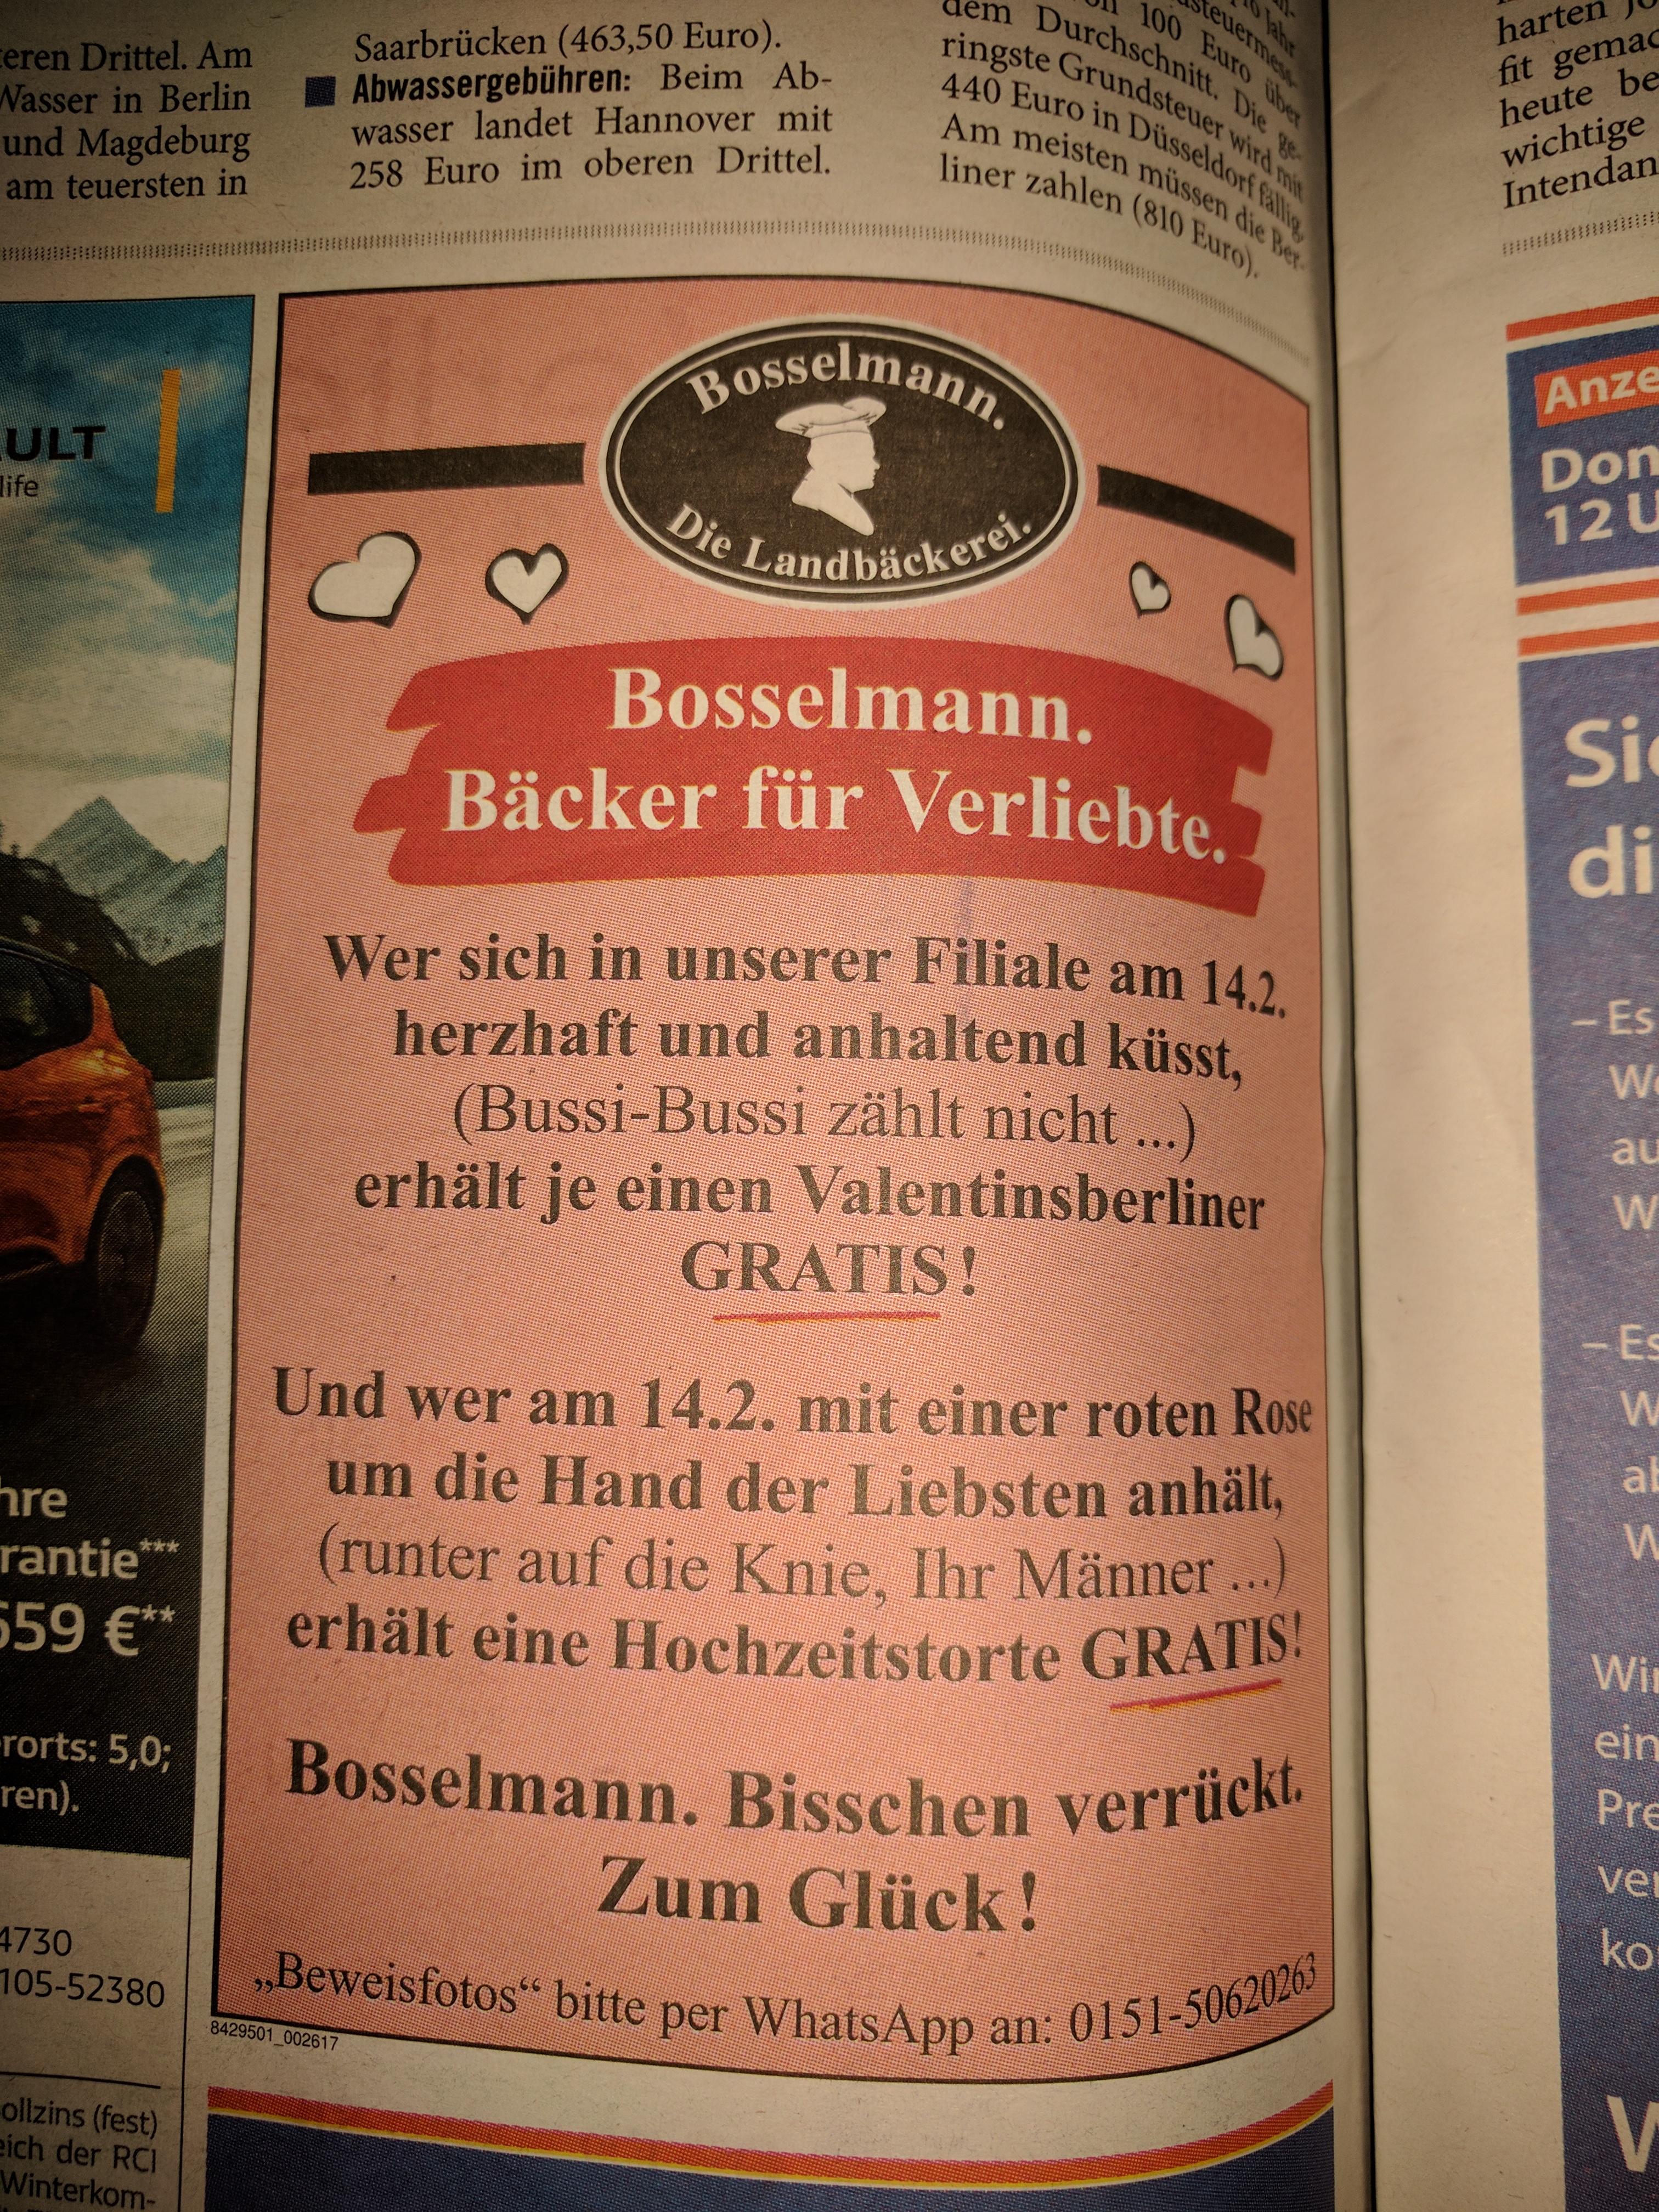 [Hannover] Berliner oder Hochzeitstorte am Valentinstag gratis* bei Bosselmann